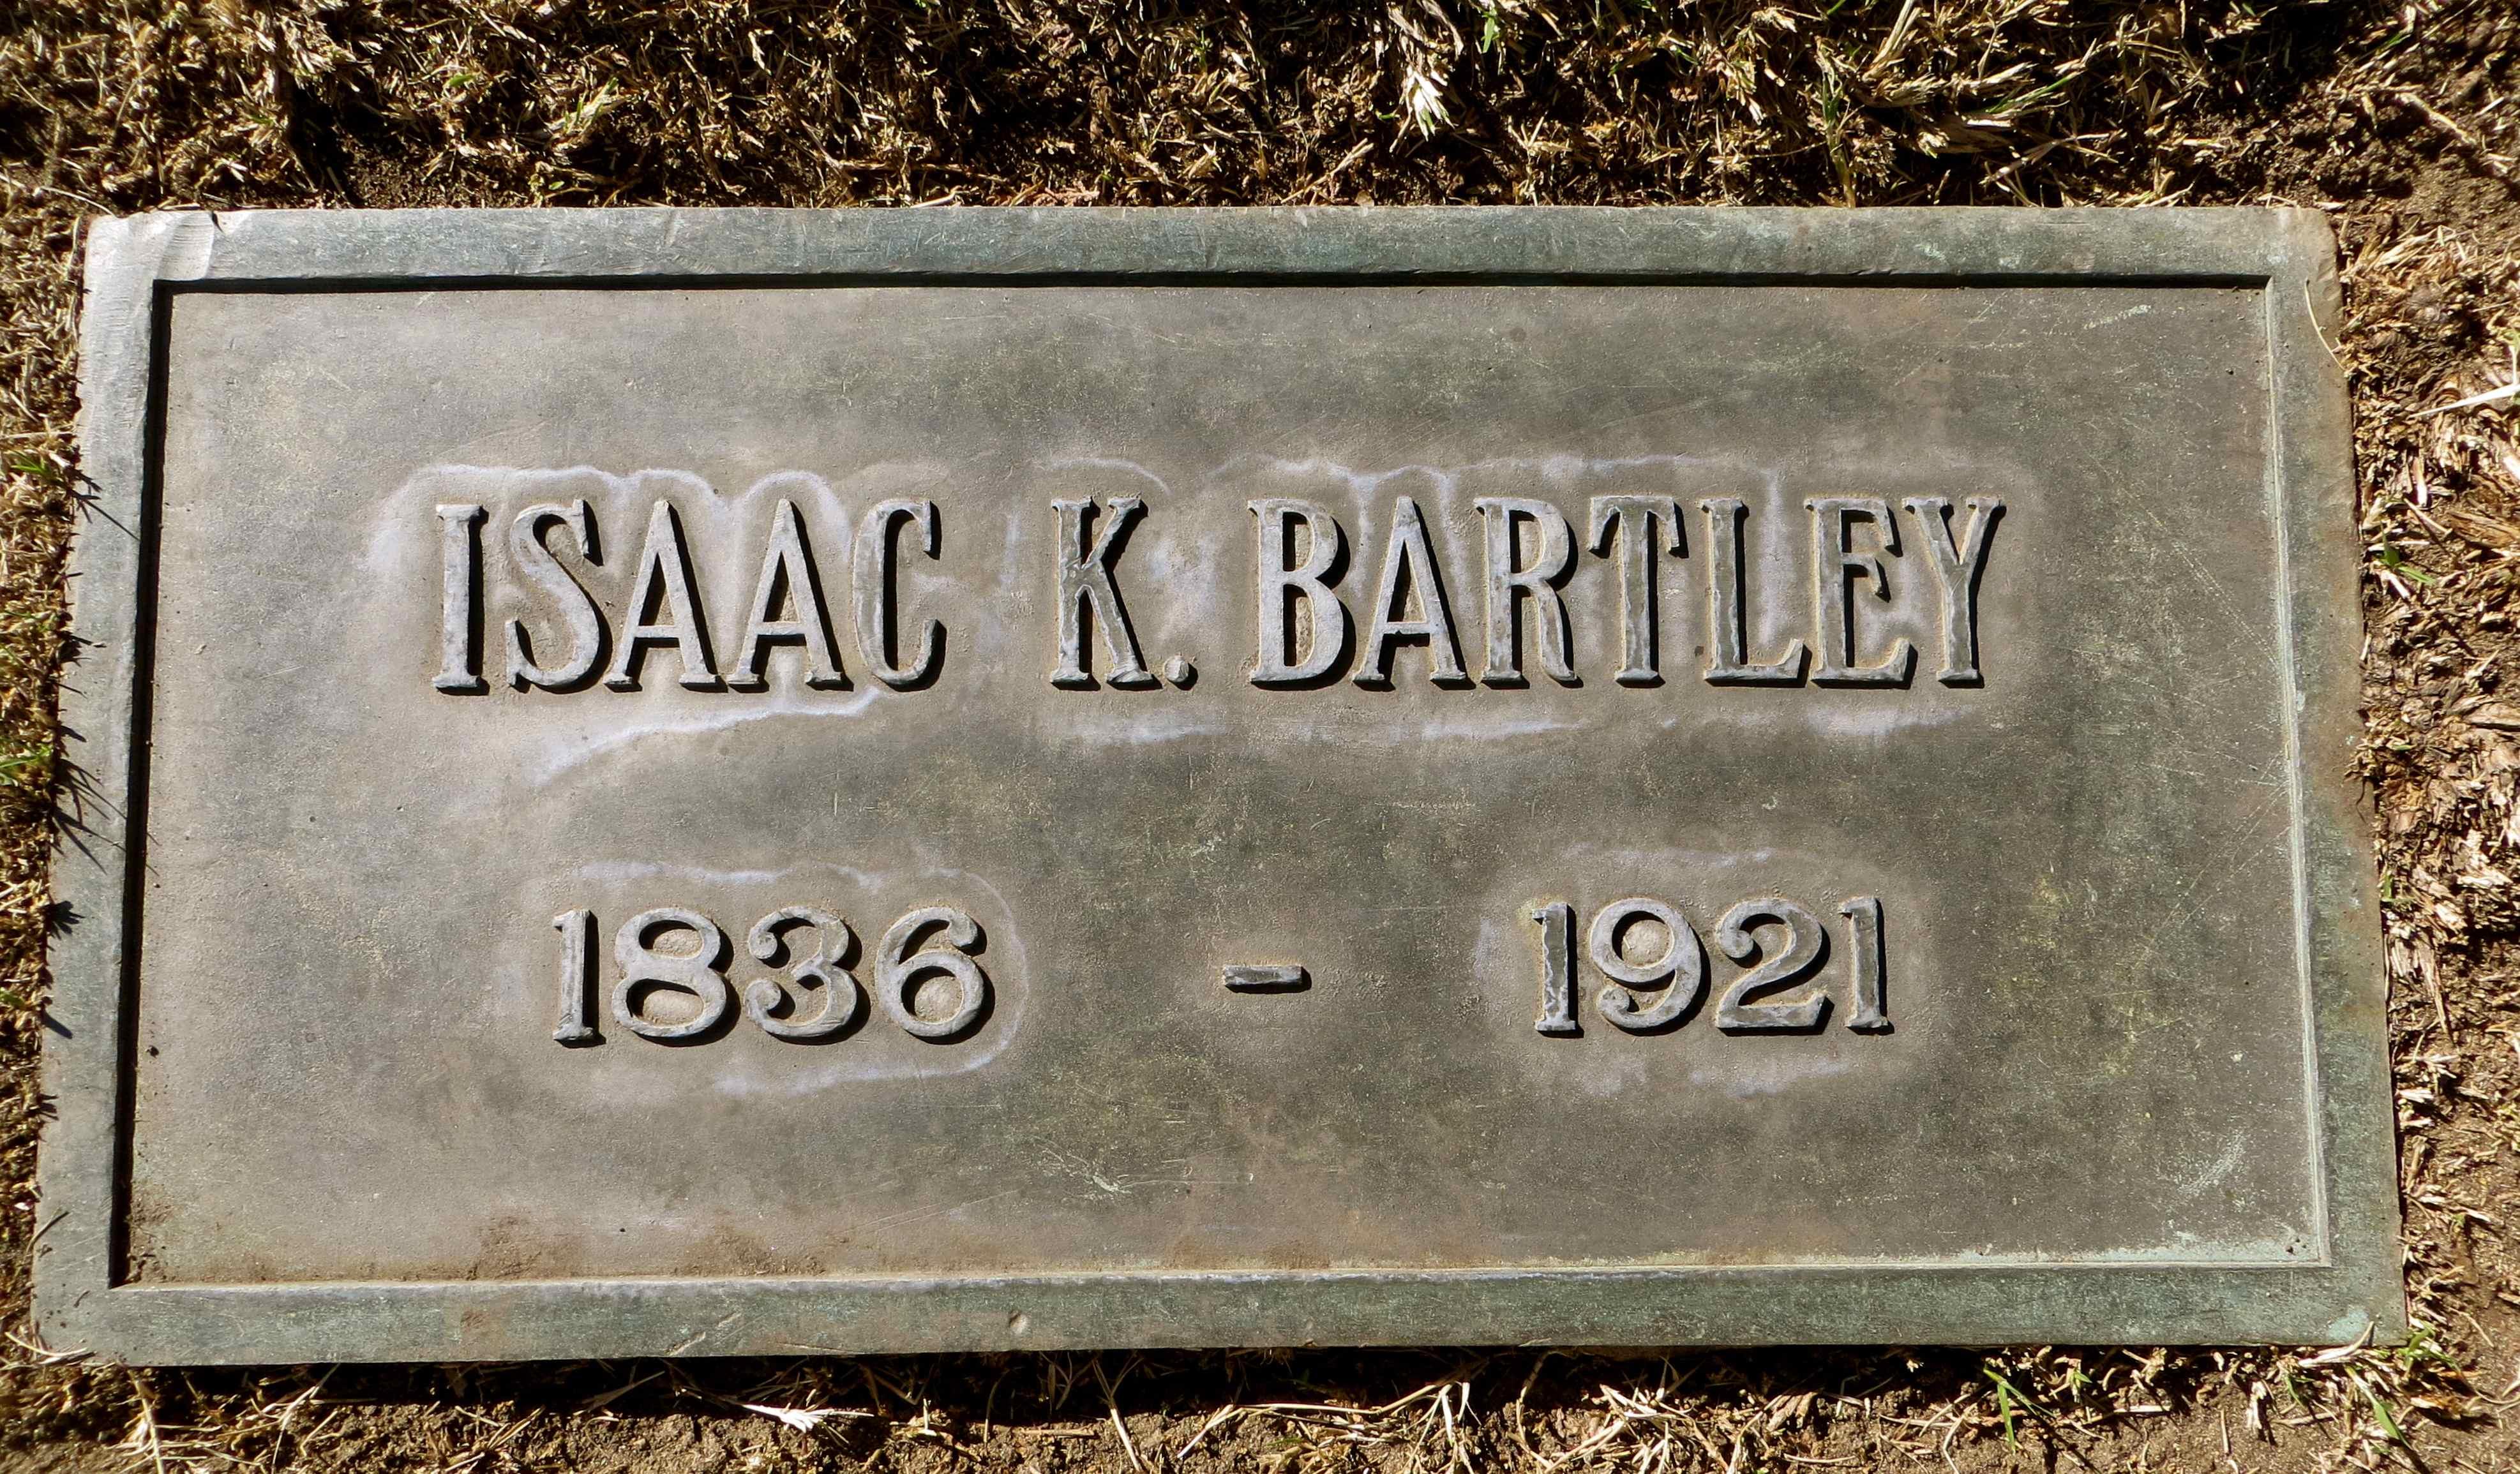 Isaac Knox Bartley